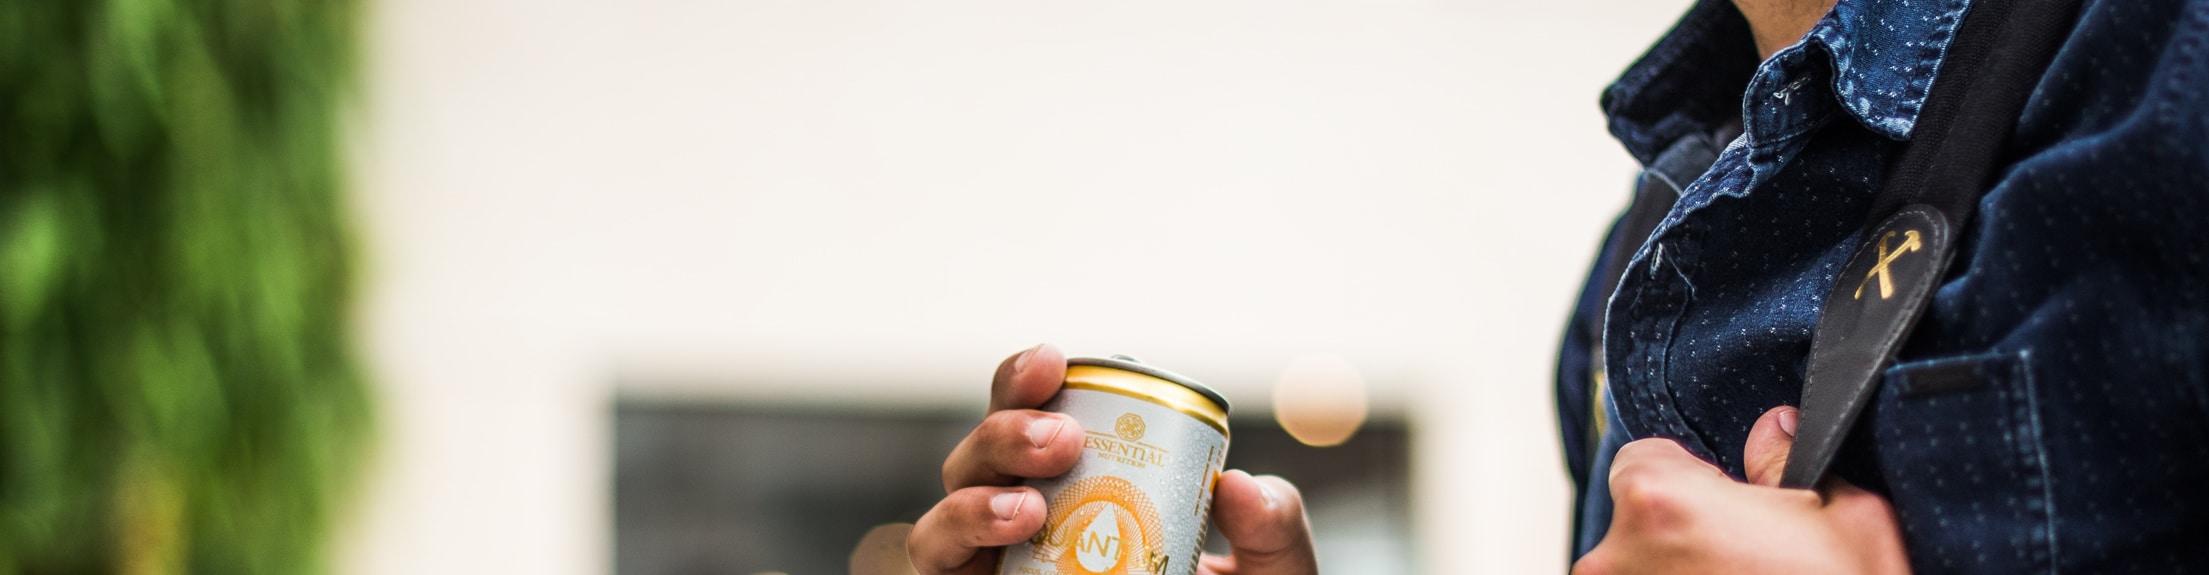 Para conciliar o trabalho com as outras atividades diárias, as bebidas funcionais dão mais energia e surgem como substitutas aos energéticos tradicionais